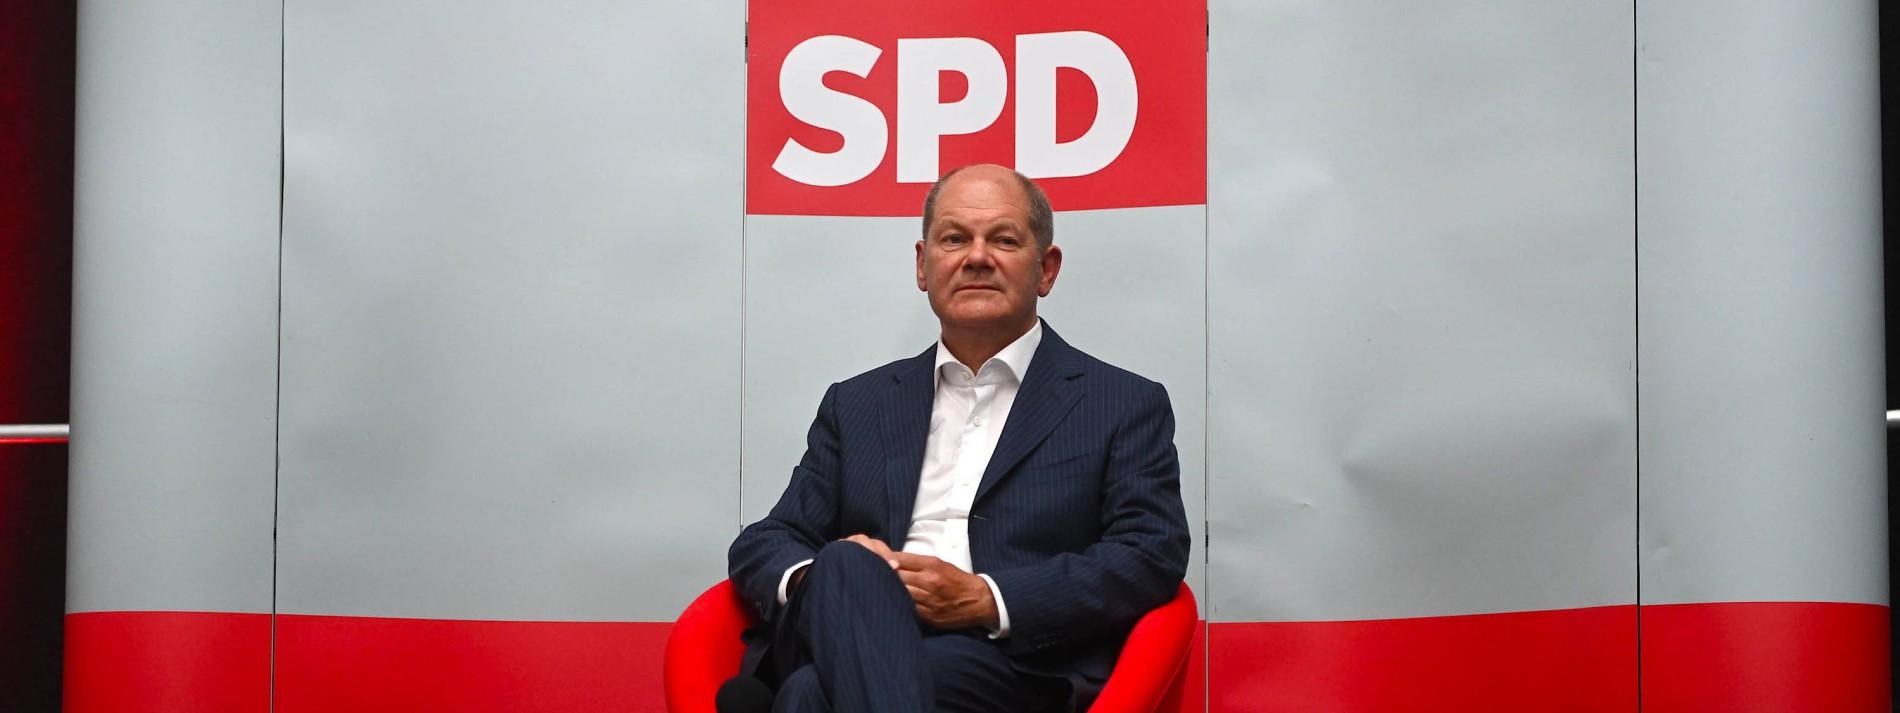 Die SPD kann nicht von Scholz profitieren